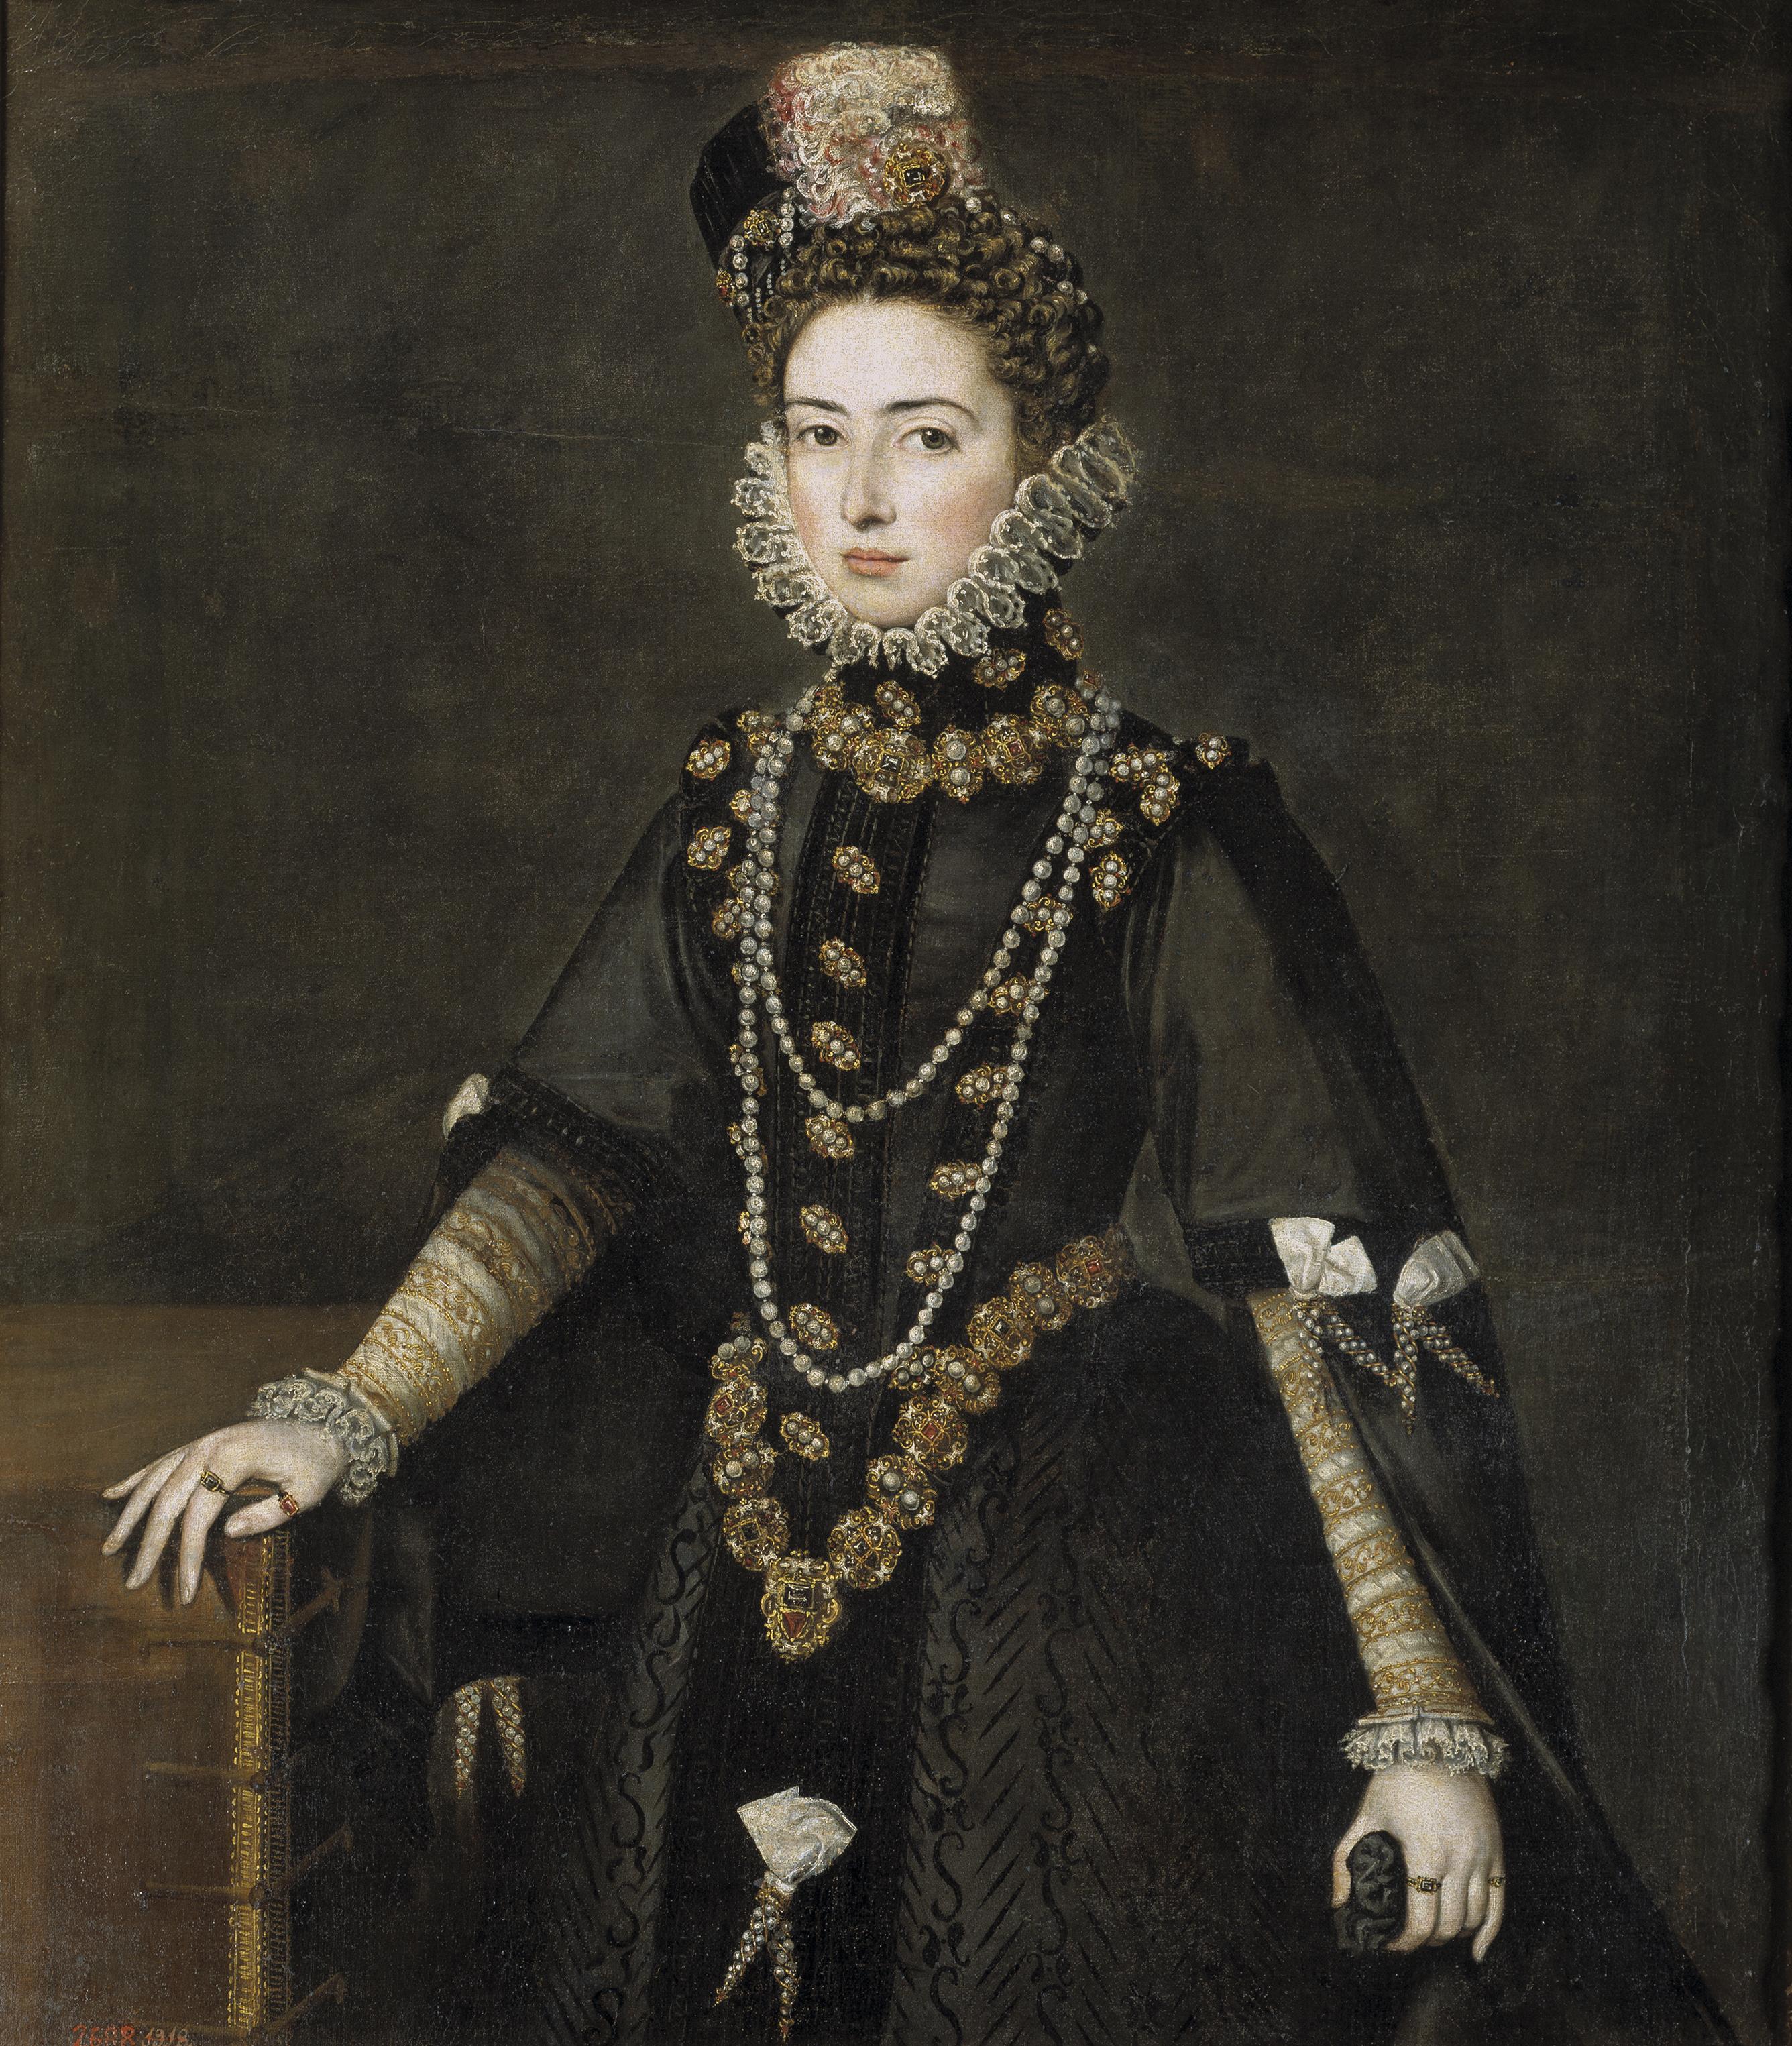 El vestido femenino en el reinado de Felipe II